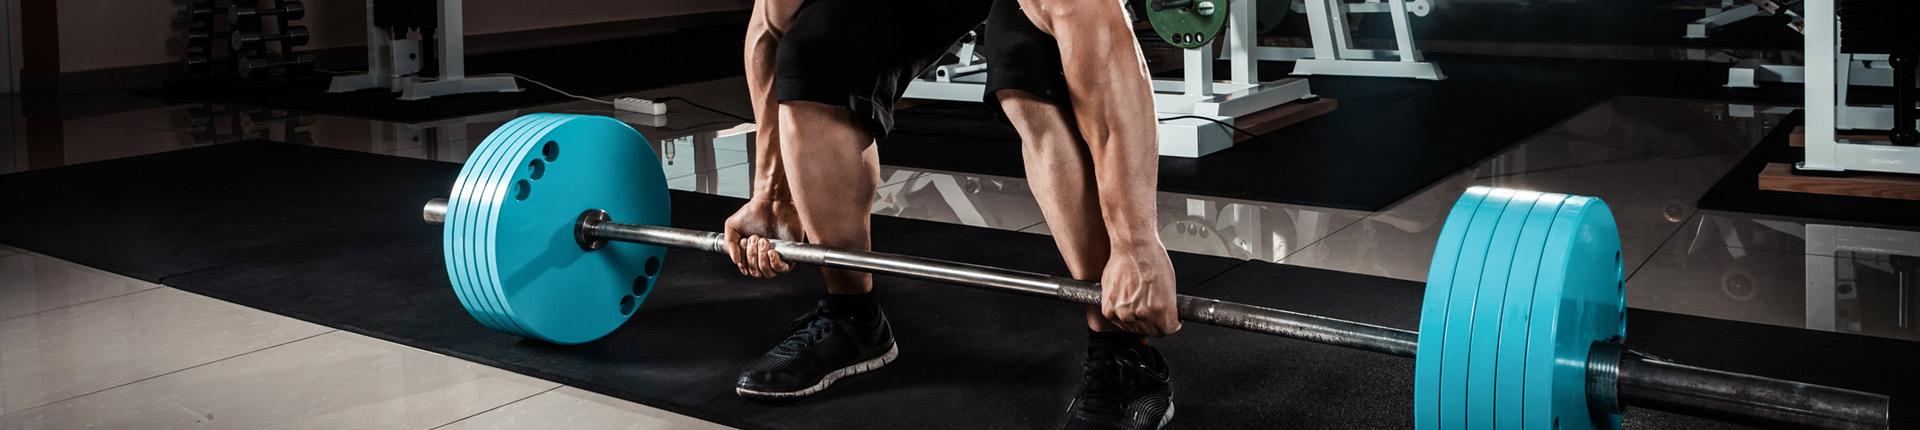 5 najlepszych ćwiczeń na mięśnie grzbietu